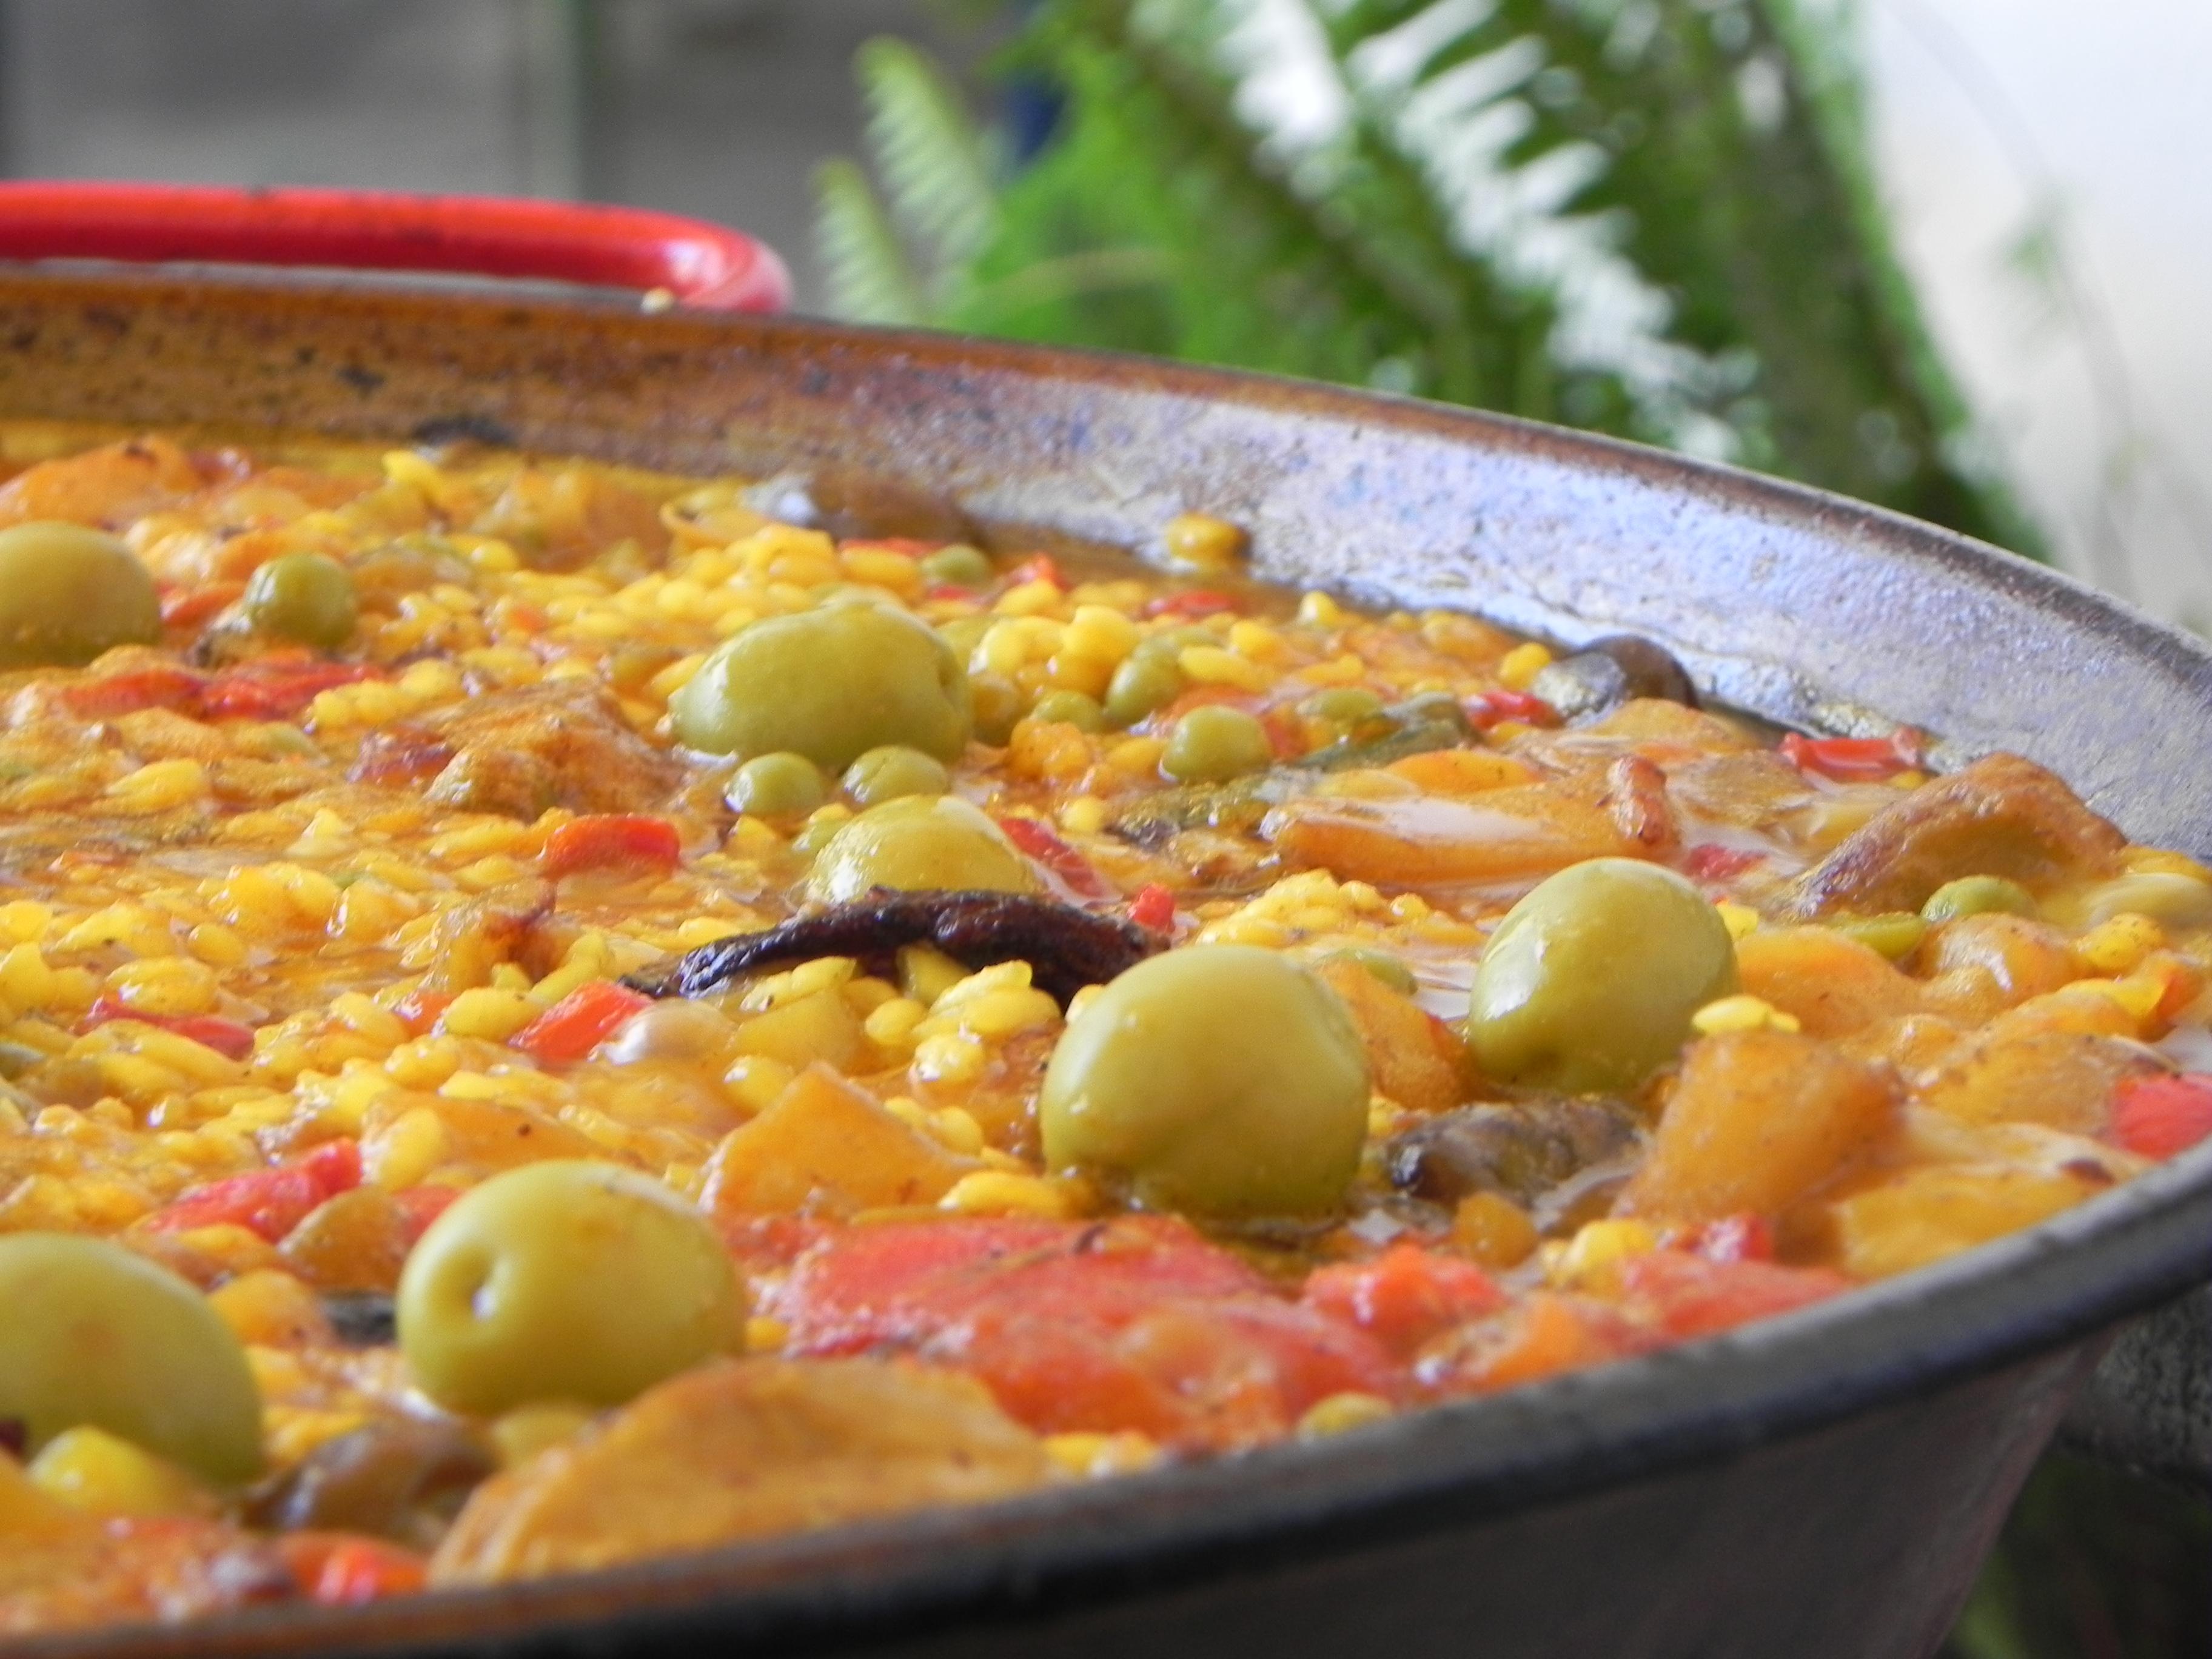 La recette de paella mixte a l 39 heure espagnole - Recette de la paella espagnole ...